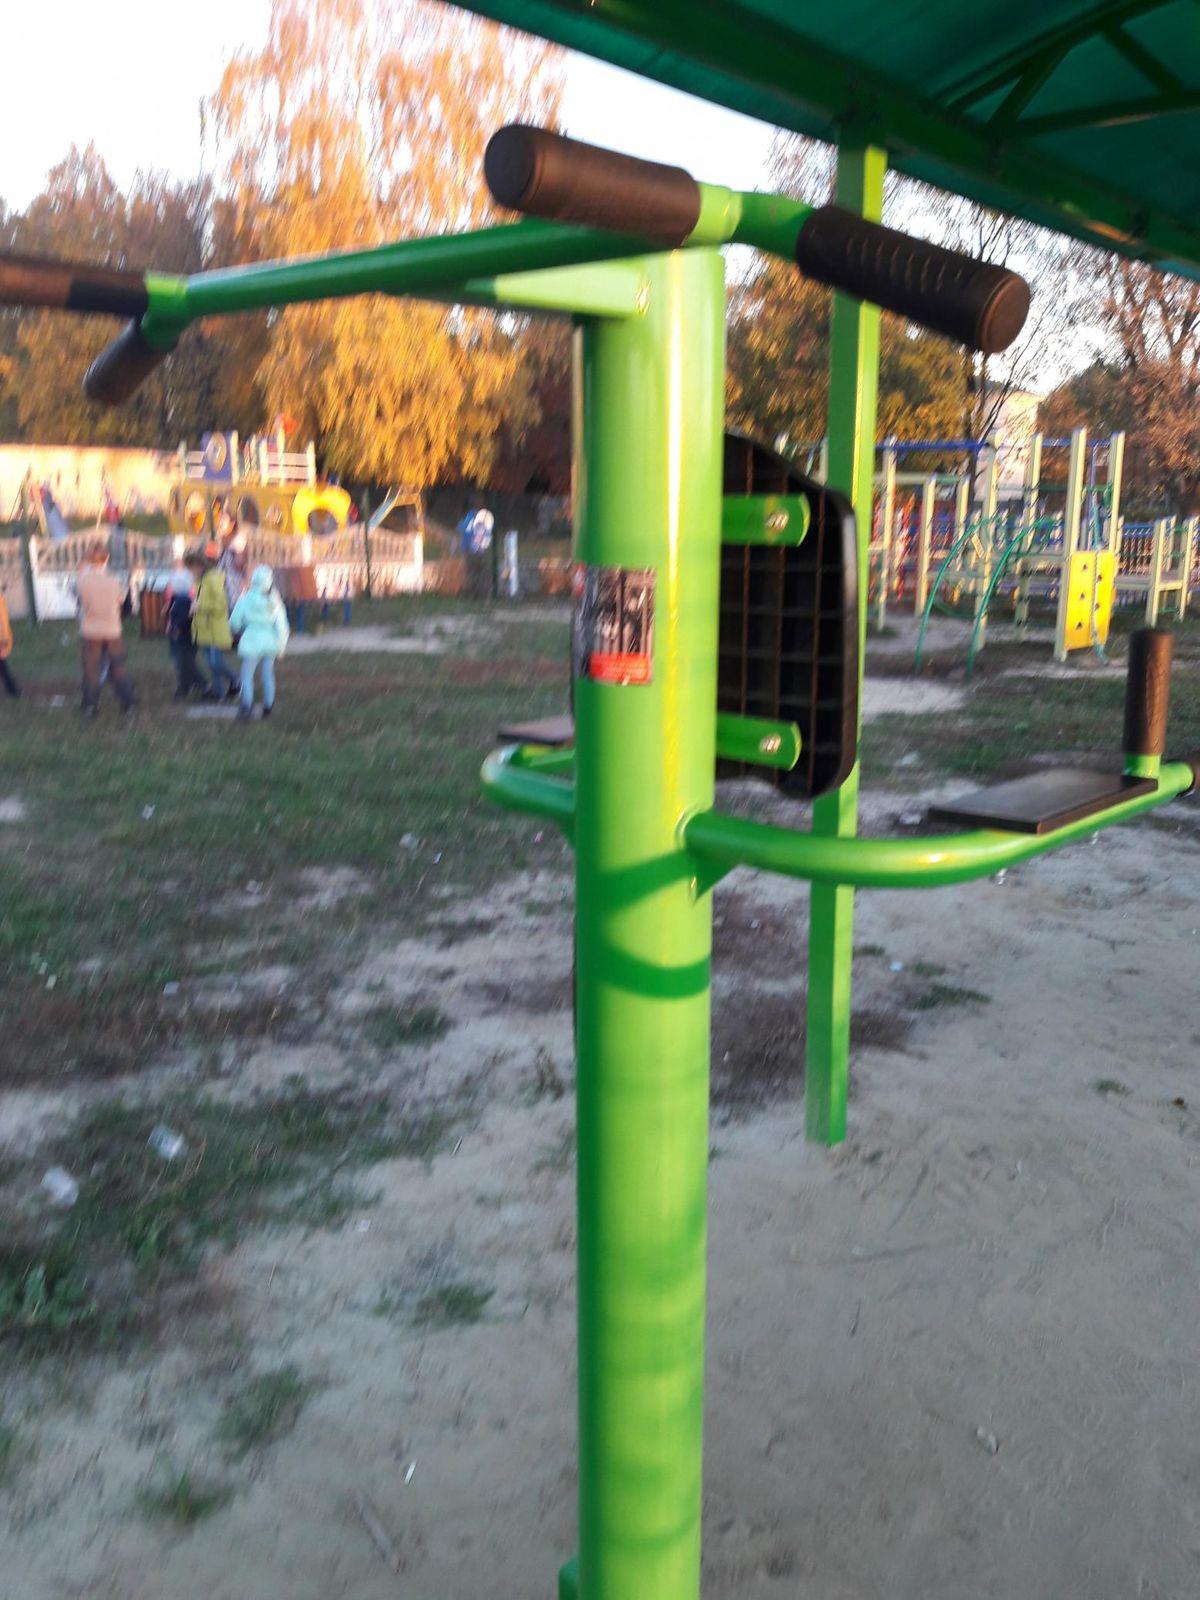 Dichnyansky - Street Workout Park - 307236